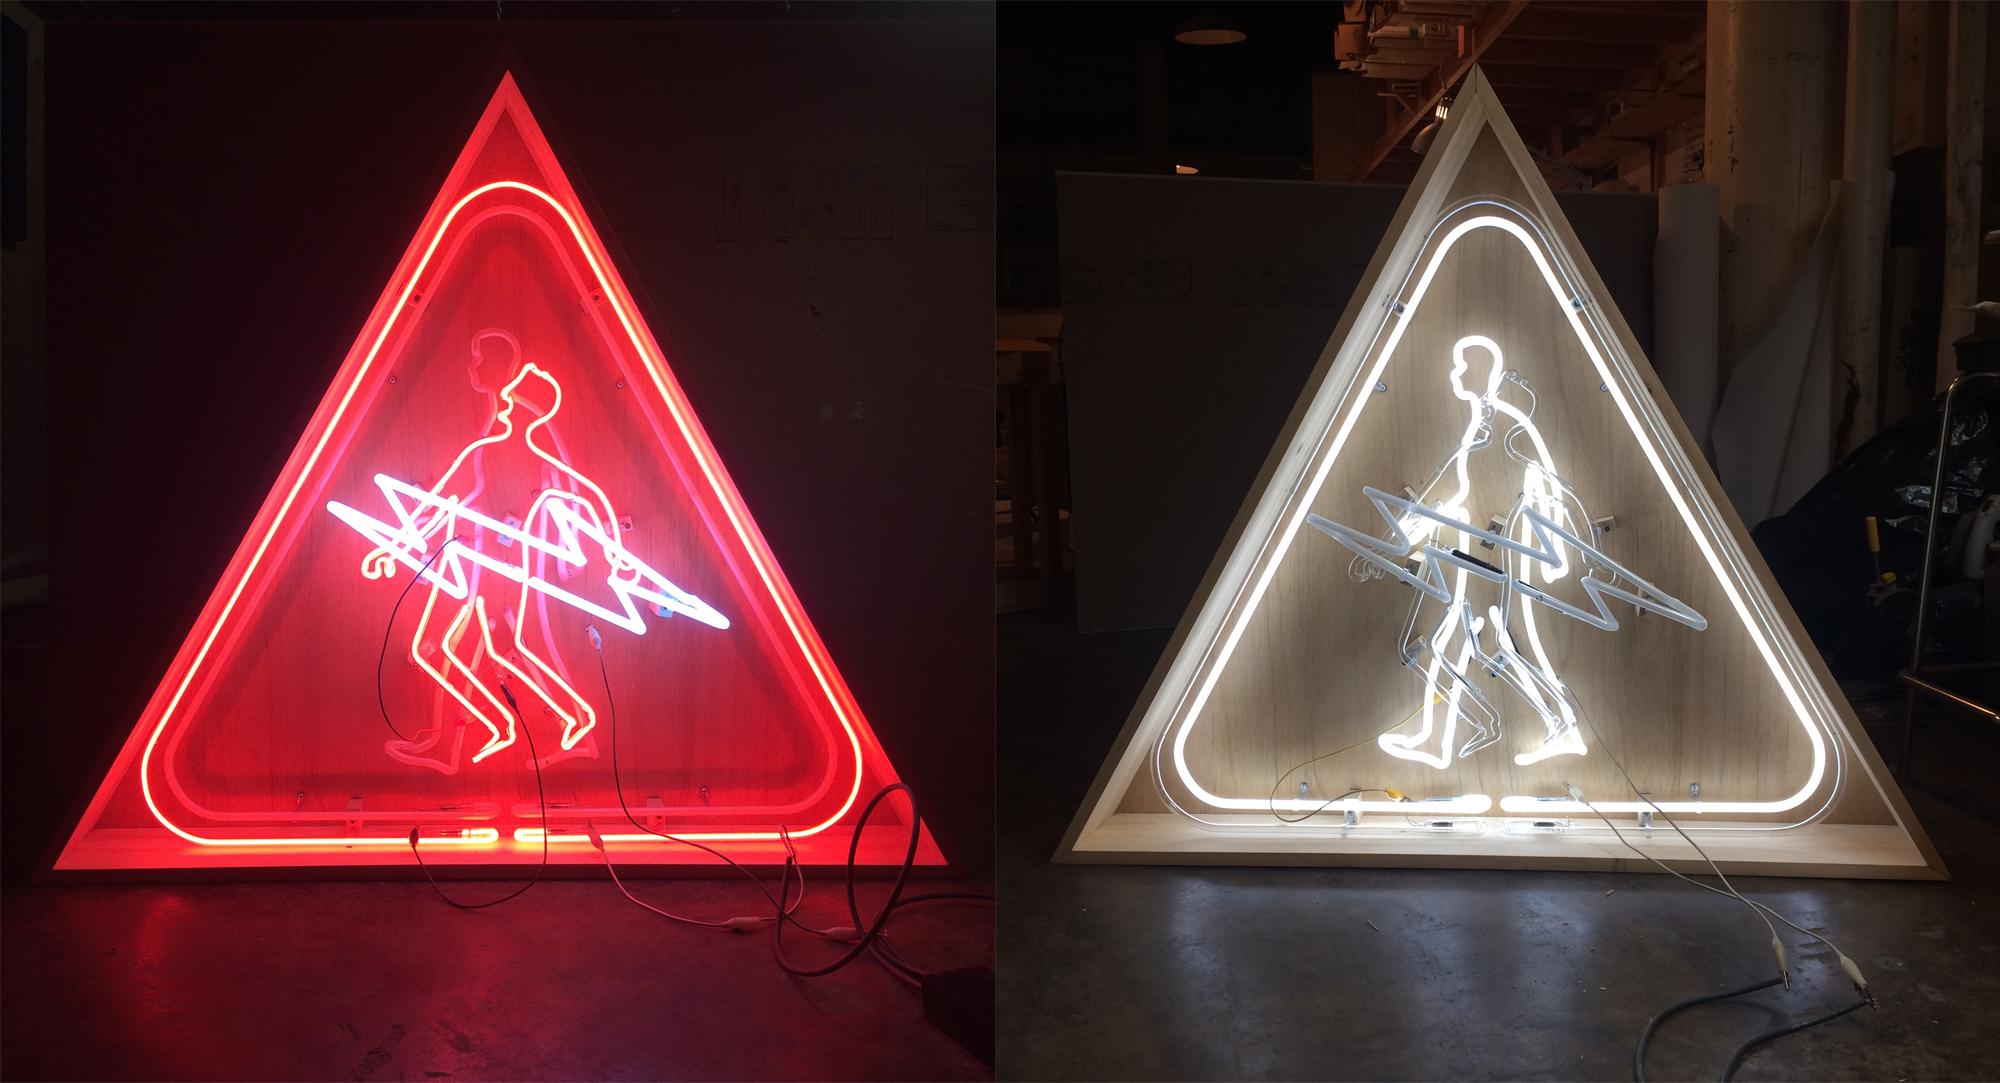 Ashop-Five8-Neon art-Montreal